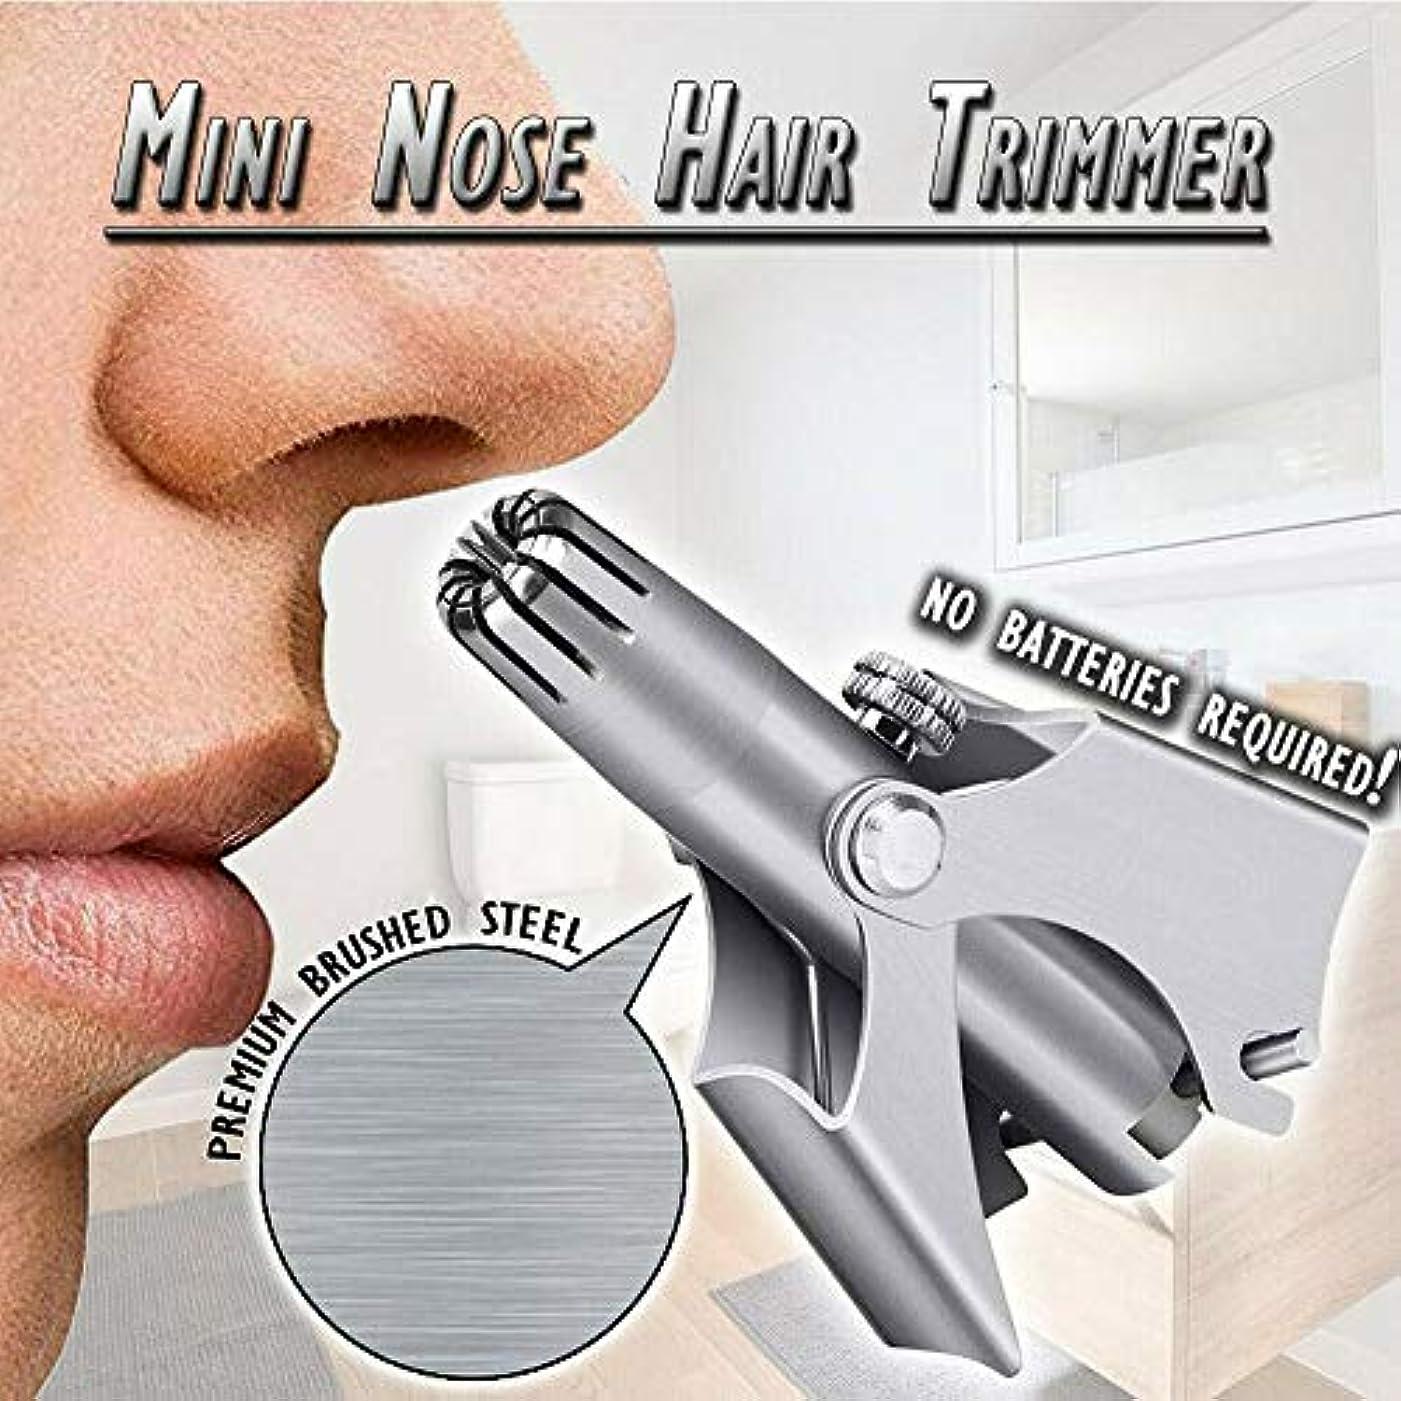 量プロジェクターデモンストレーション機械式手動鼻毛トリマー、ステンレス鋼素材、コンパクトで軽量、100%防水、安全、無痛、ノイズなし。